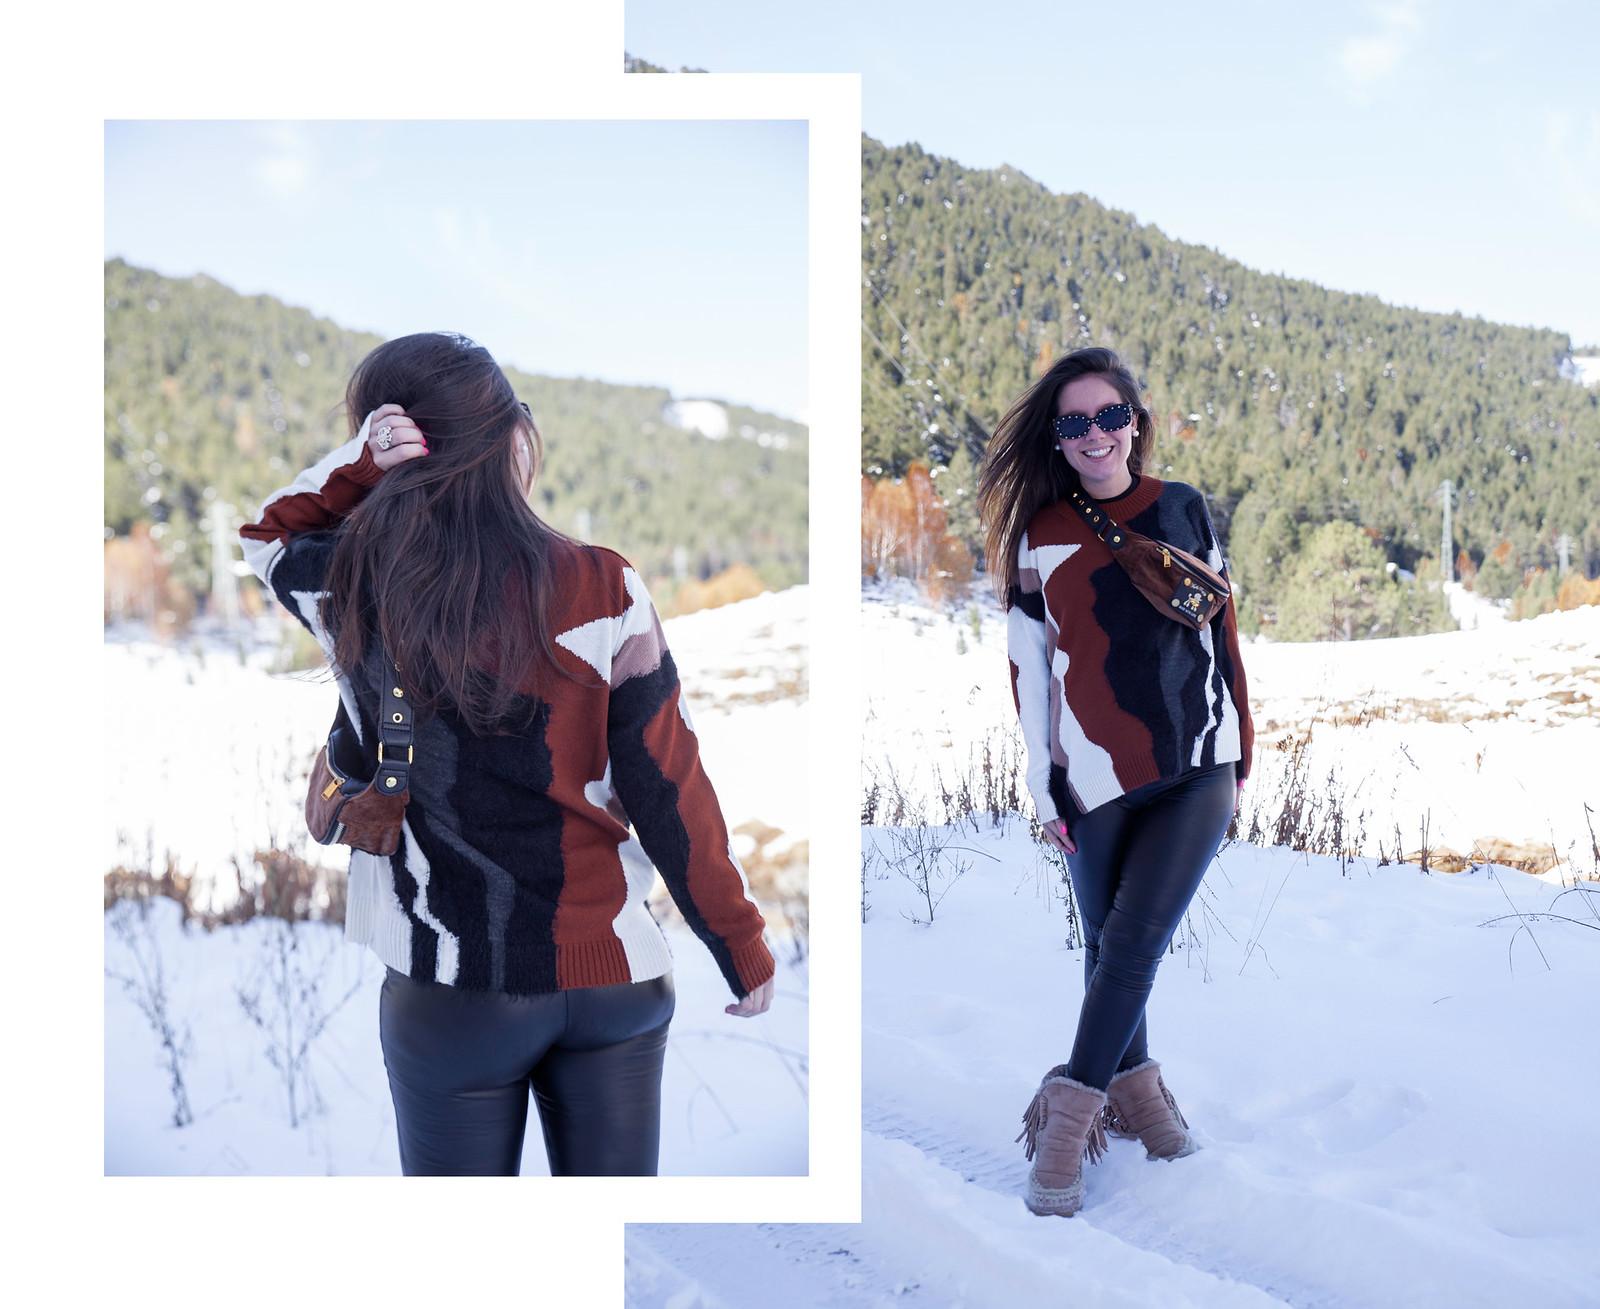 04_combinar_jersey_marron_outfit_nieve_embarazada_theguestgirl_embarazo_33semanas_pregnant_style_influencer_barcelona_look_comodo_apreski